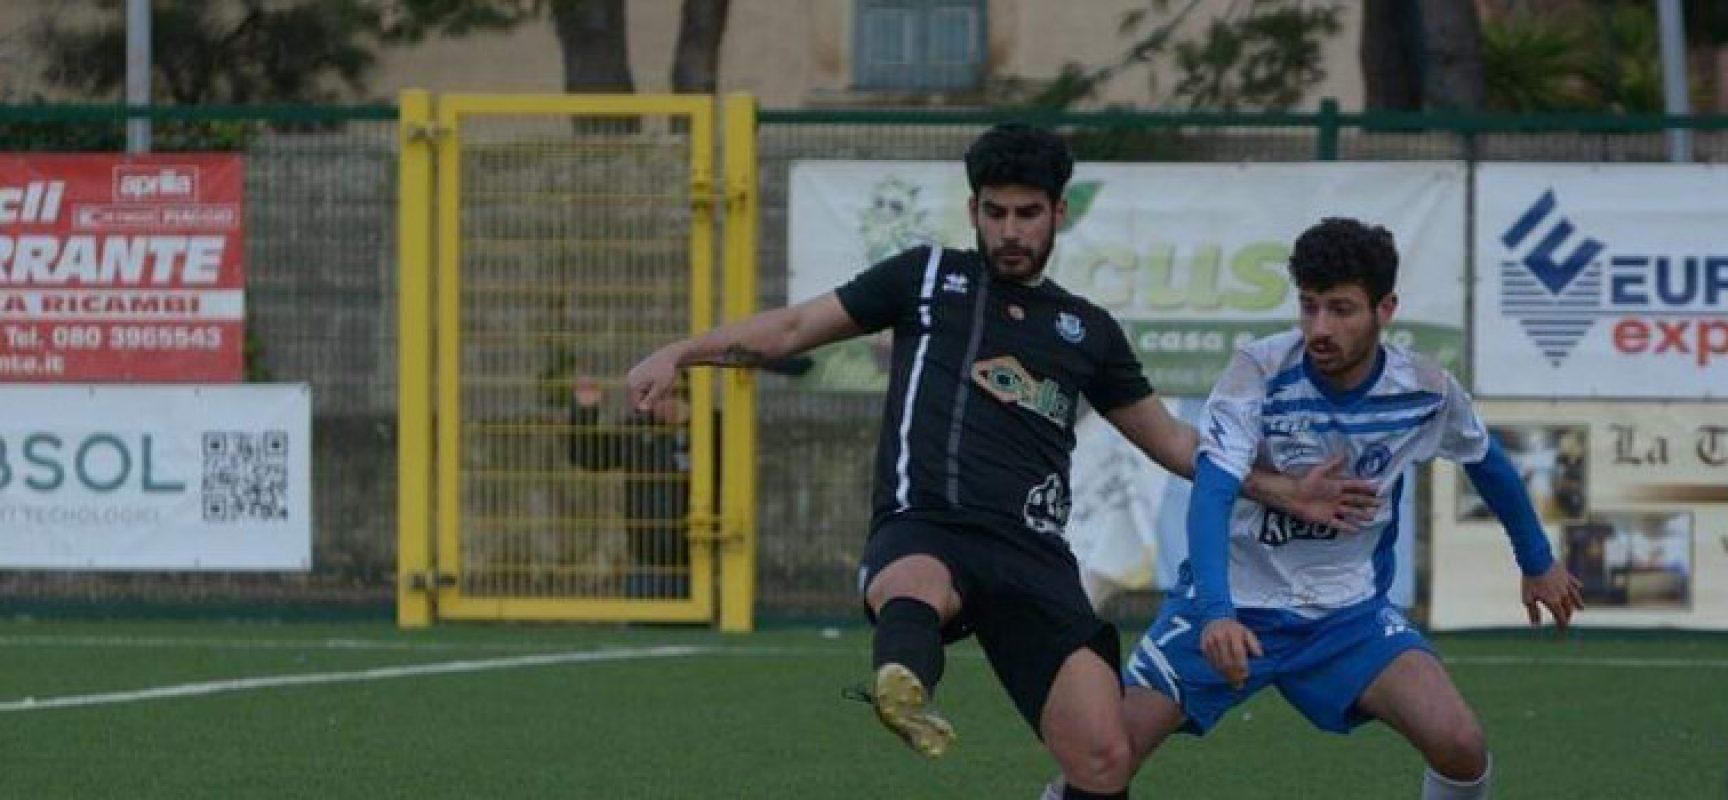 Unione Calcio, Guerra e Andriano alla corte di mister Di Simone